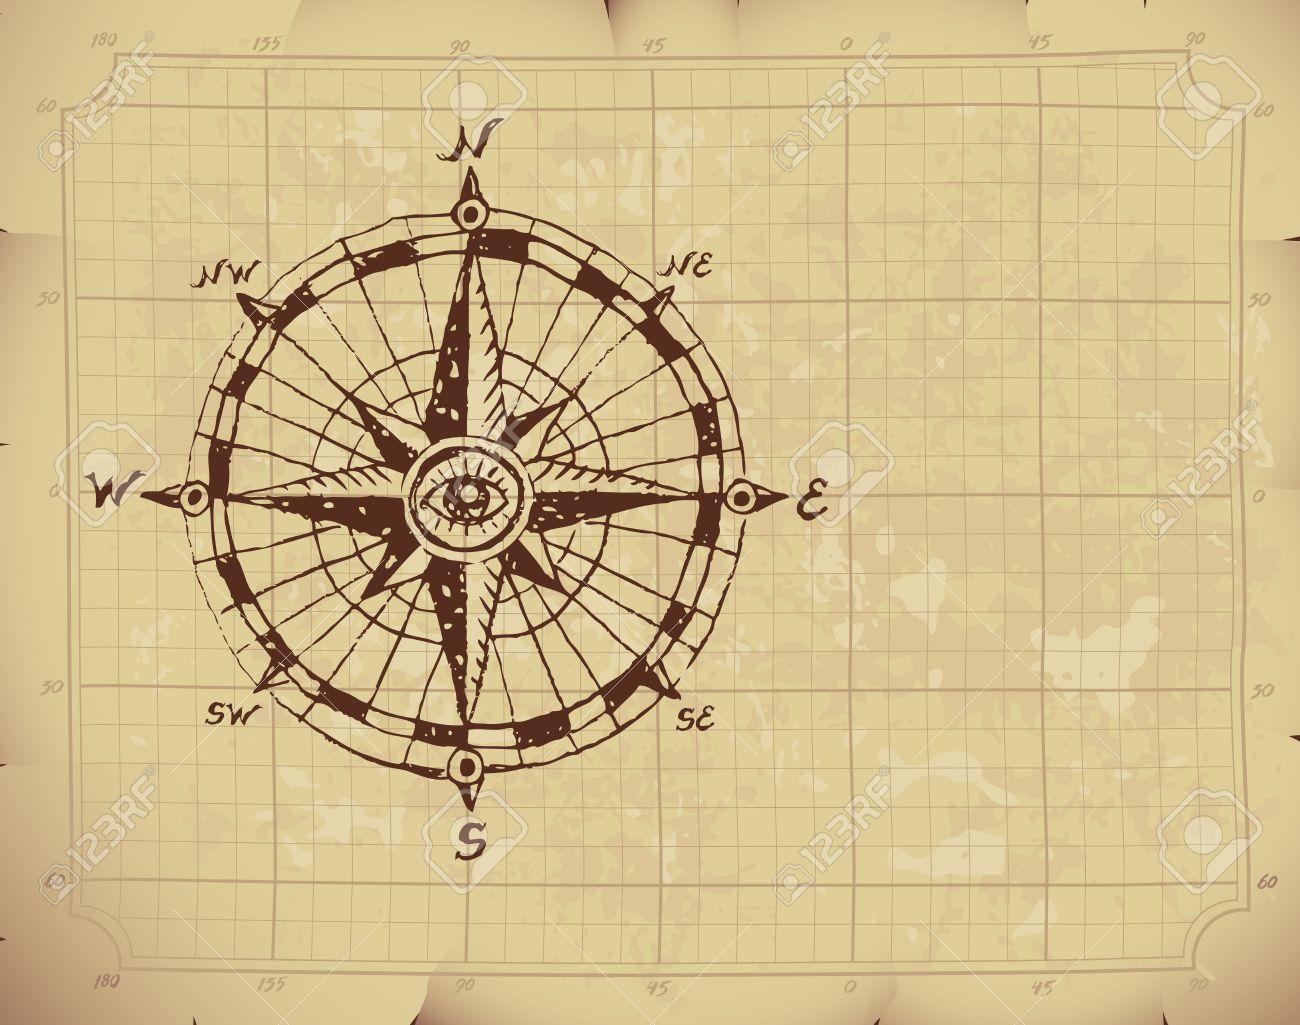 Kompass bleistiftzeichnung  Hand Gezeichnet Kompassrose Auf Altem Papier. Lizenzfrei Nutzbare ...